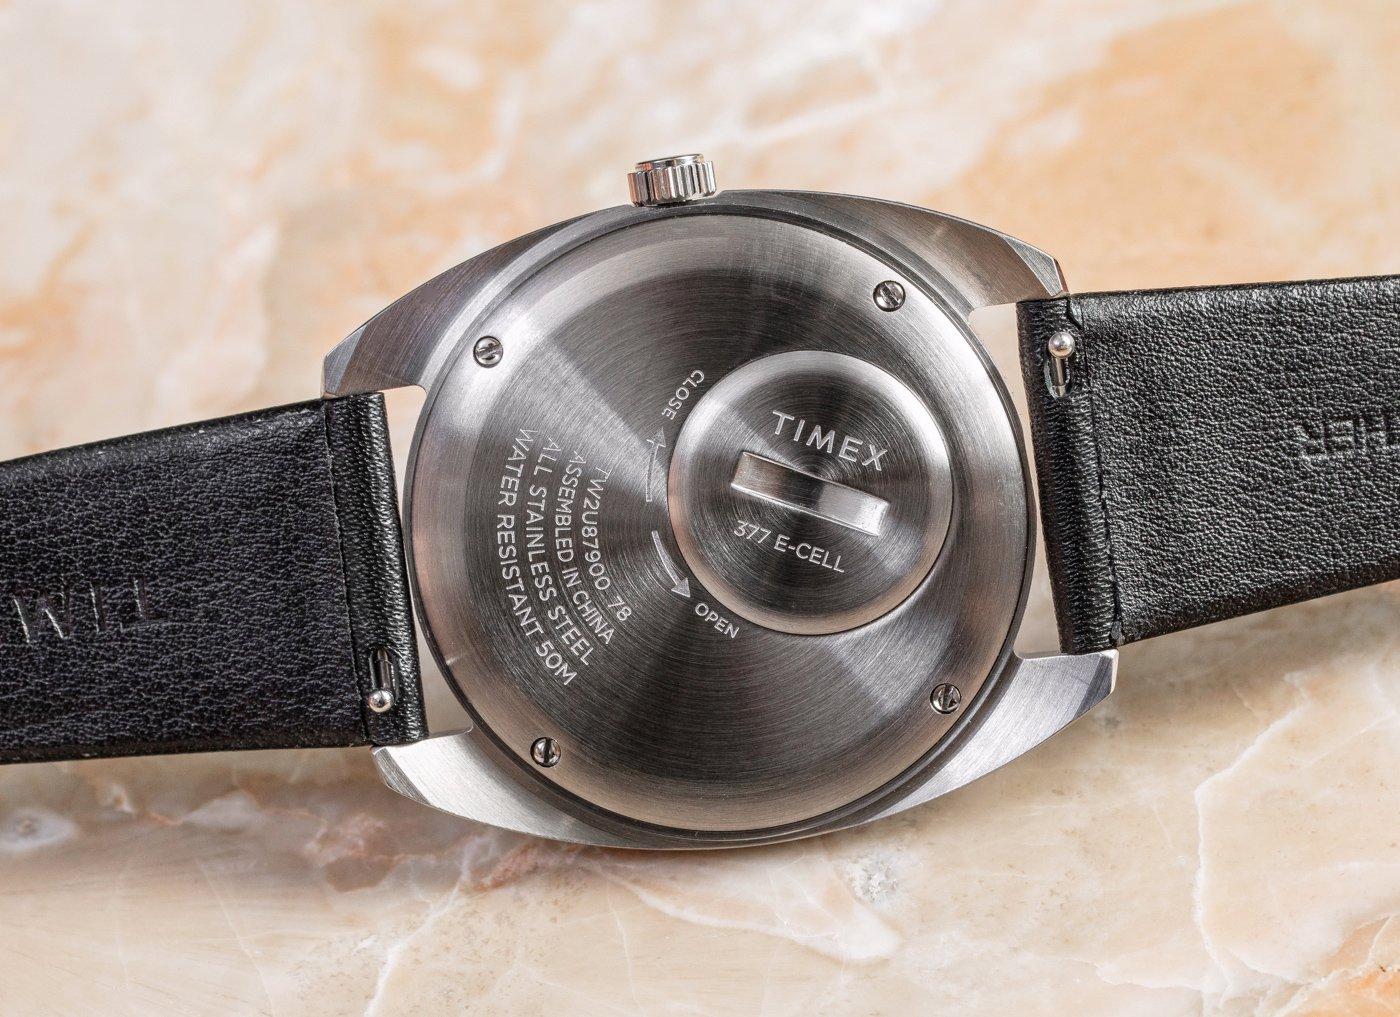 Винтажные часы за приятную стоимость: Q Timex 1978 Reissue Day-Date